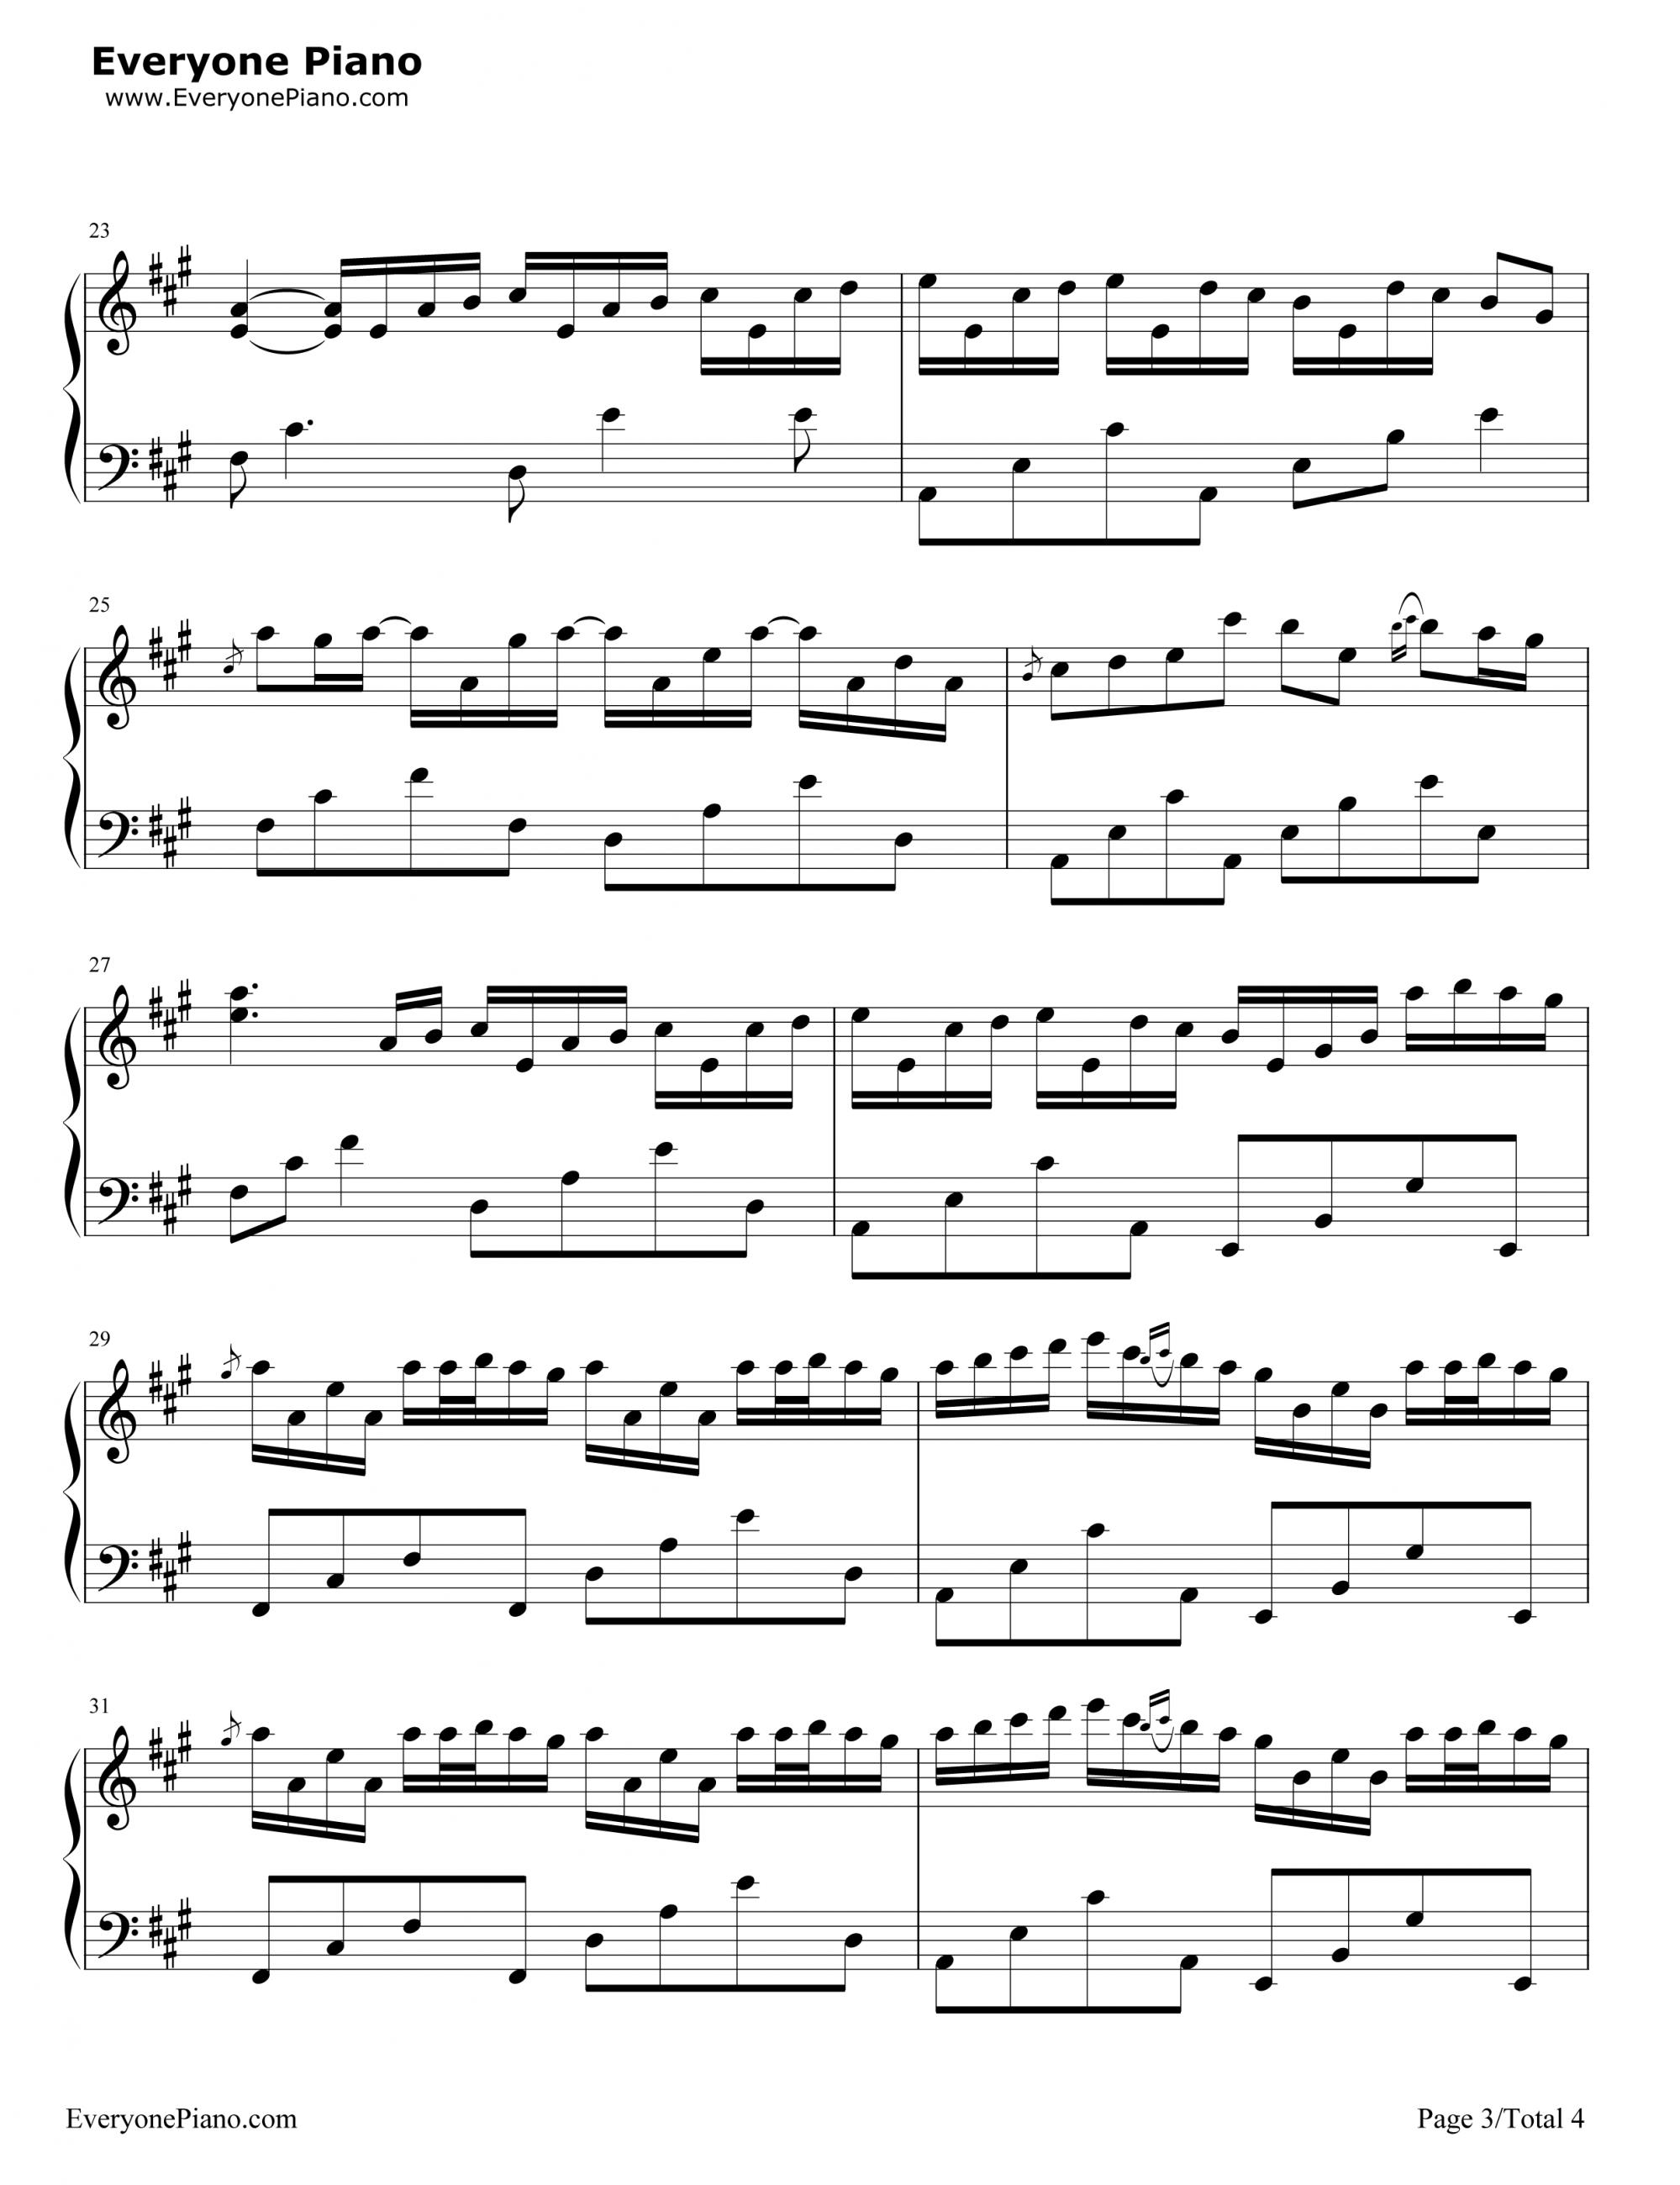 Sheet nhac river flow in you piano 03